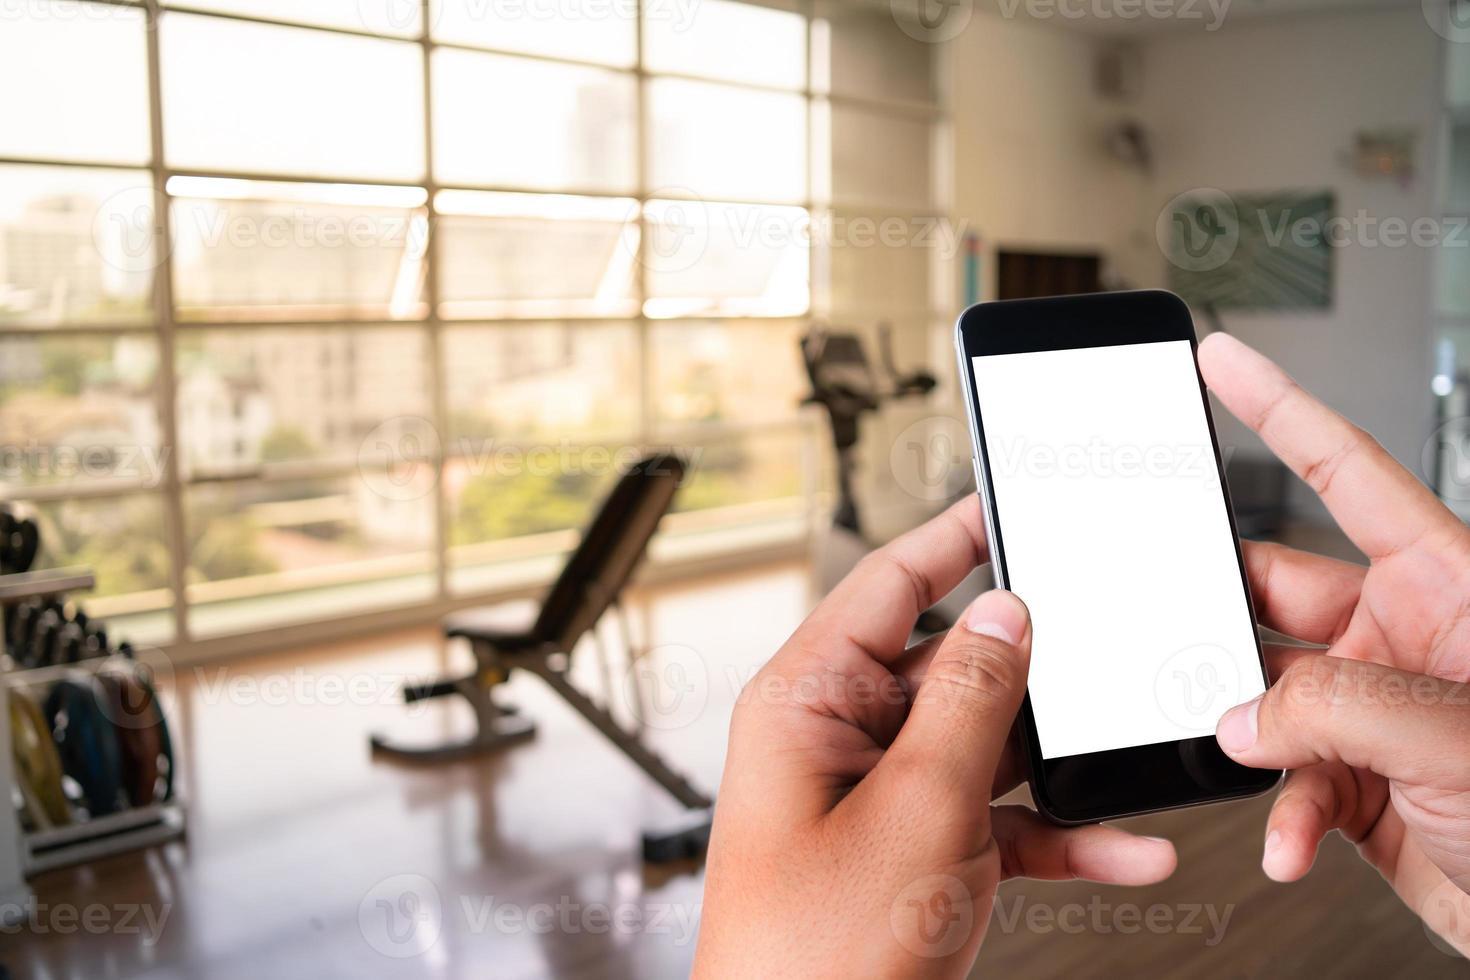 jeune homme, main, tenue, smartphone, dans, gymnase, à, téléphone fitness, fitness, exercice, concept photo